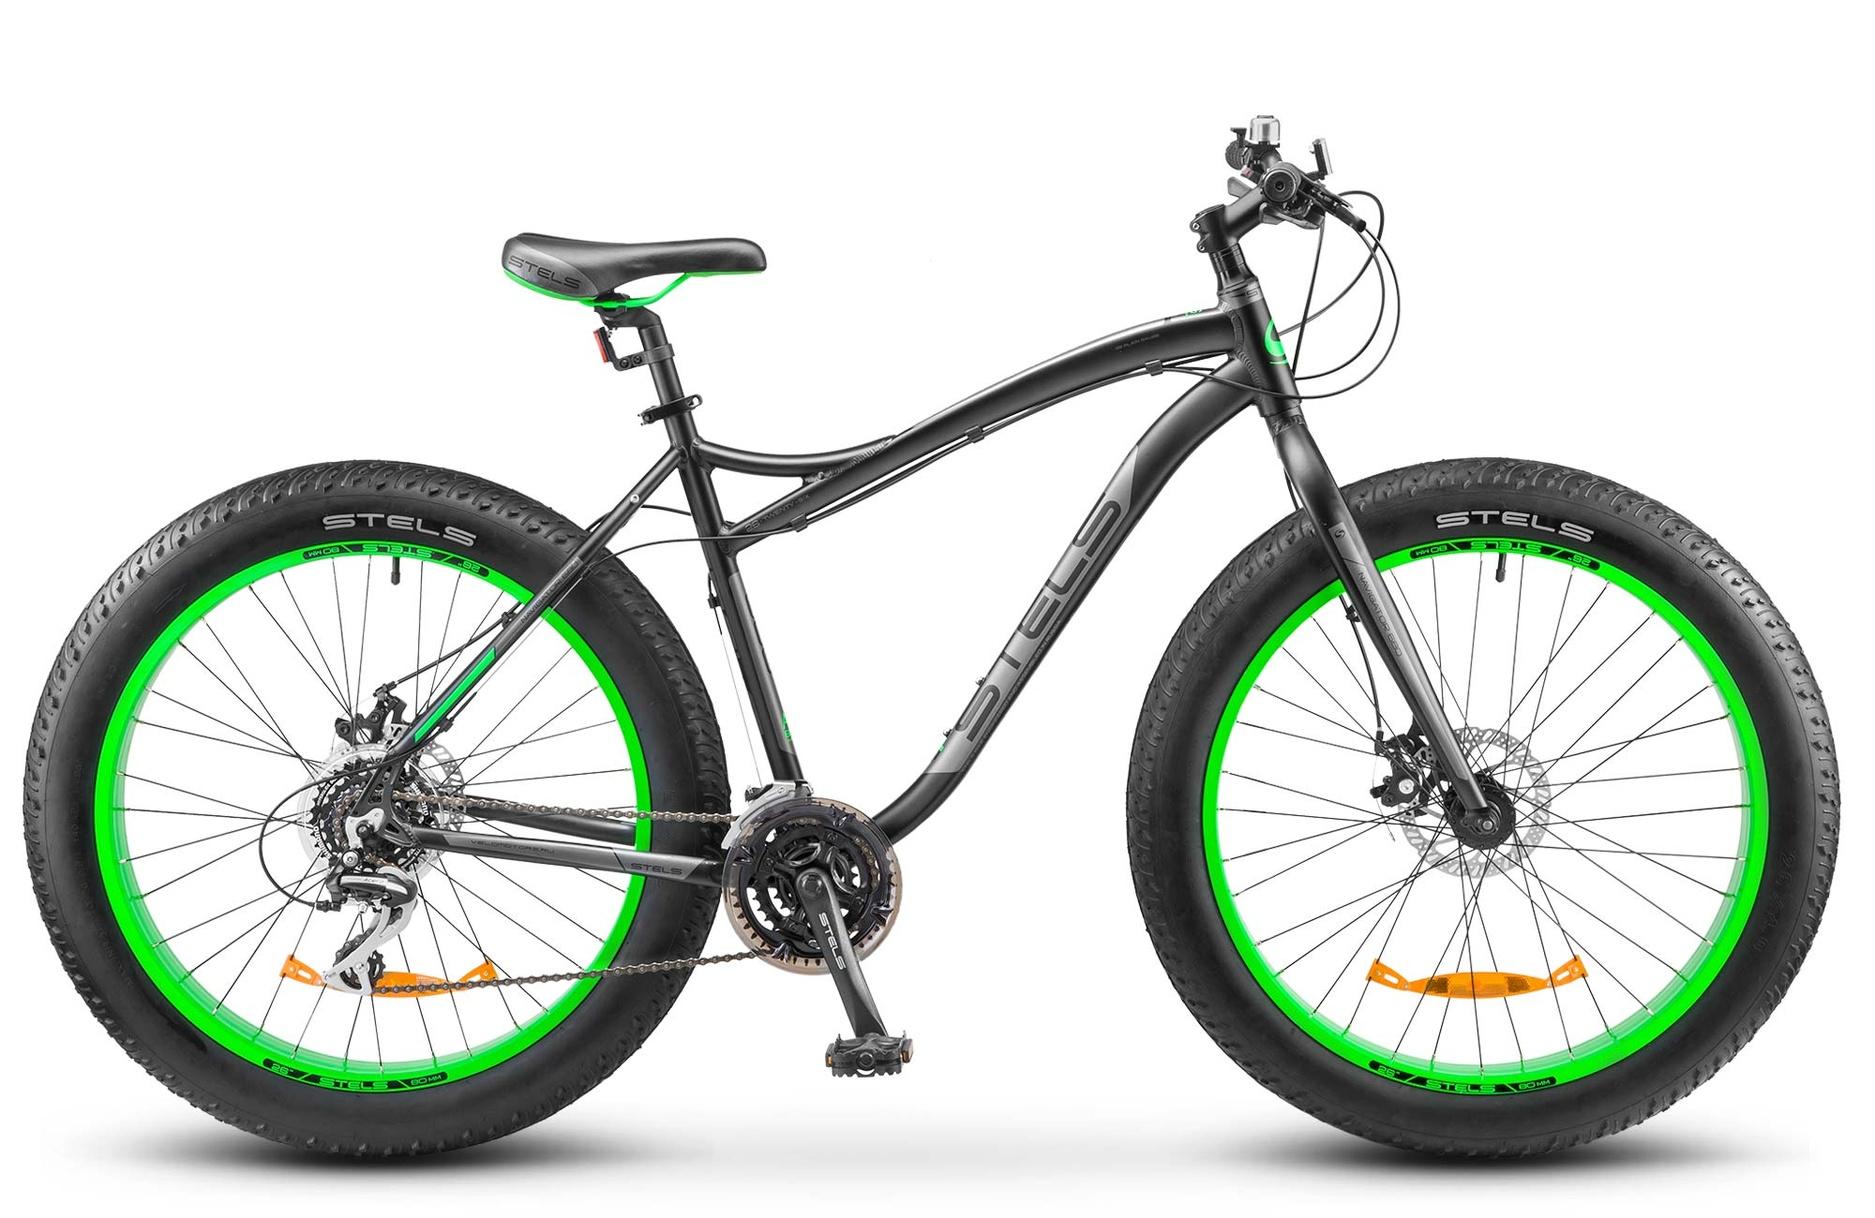 хорошо, контроль акции на горные велосипеды ч дисковыми тормозами что если дома